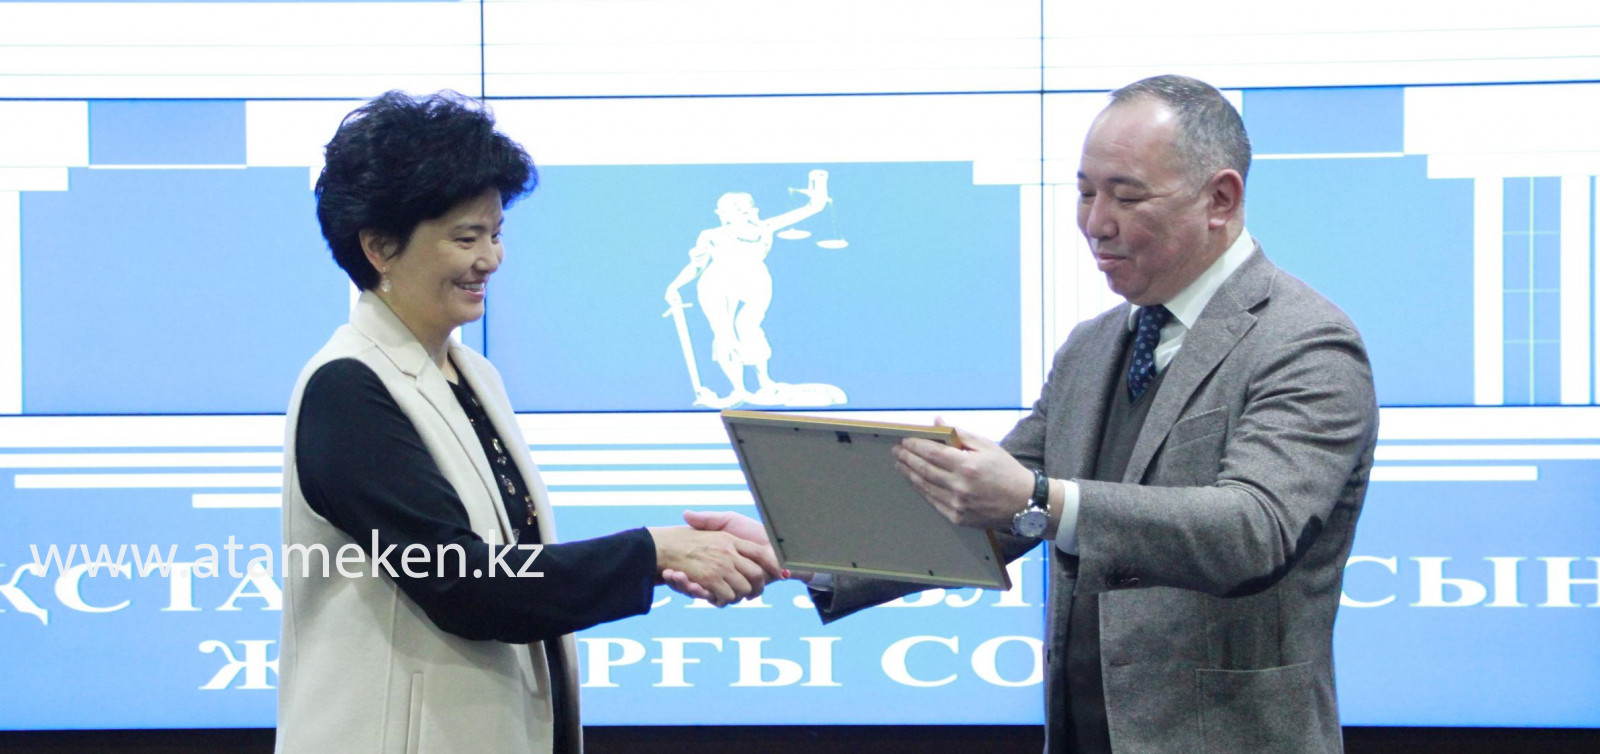 Судьи Верховного суда РК получили сертификаты о прохождении семинара-тренинга по таможенному законодательству